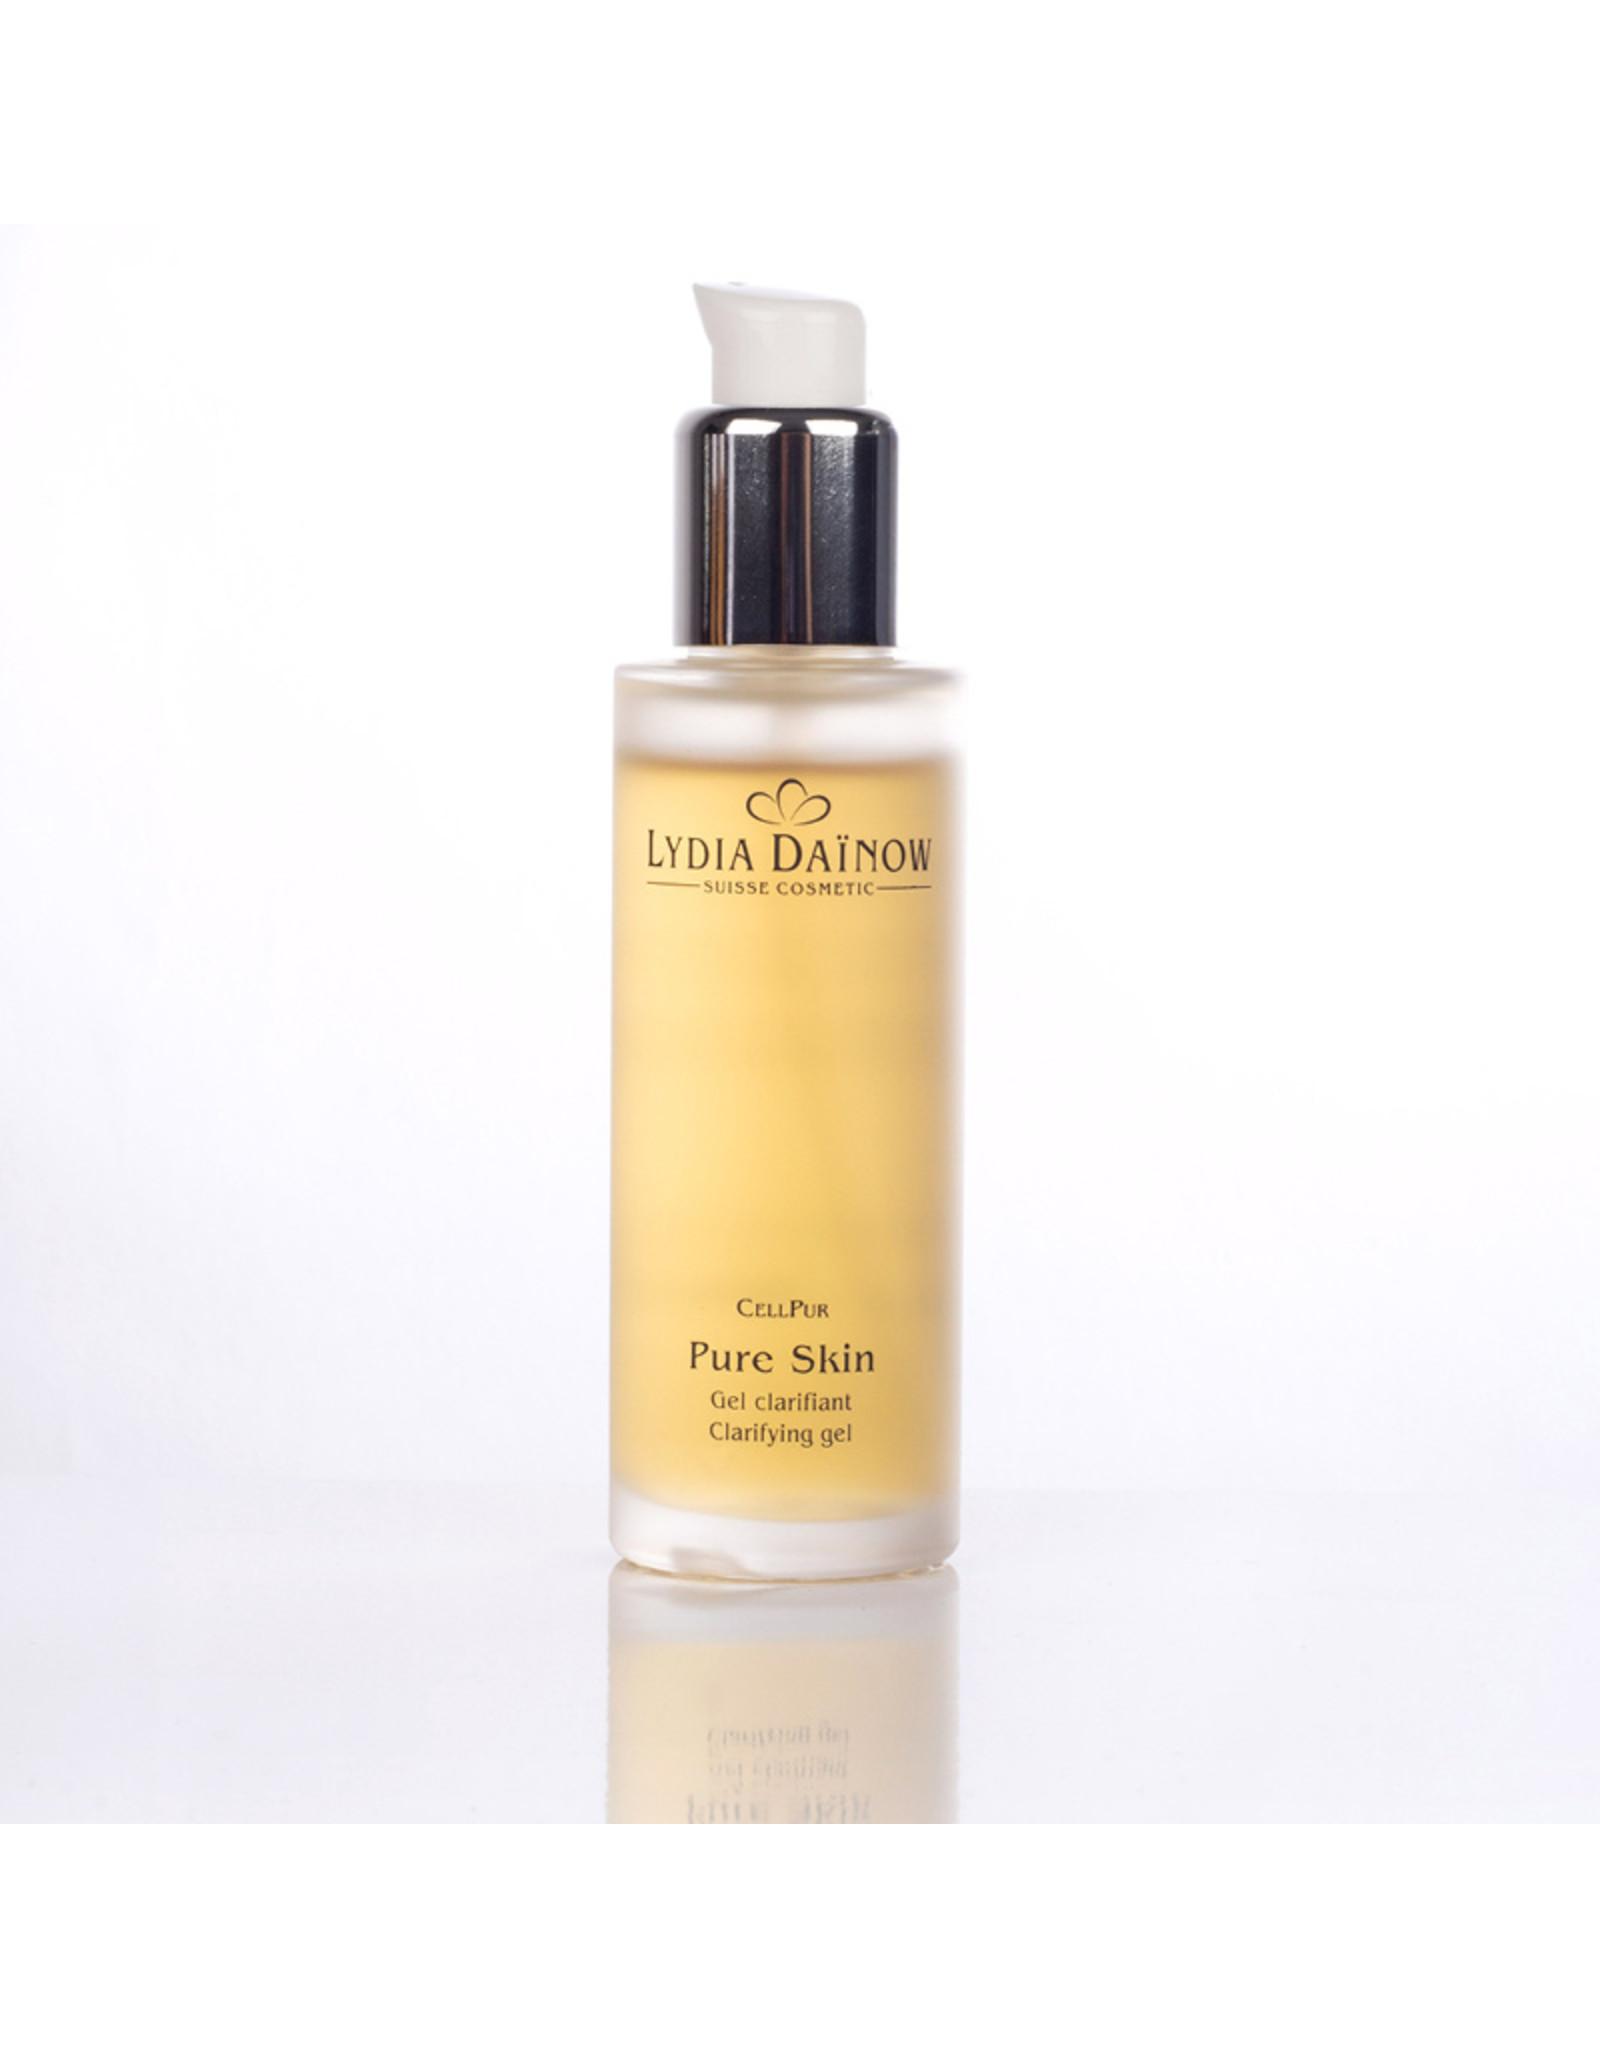 Lydïa Dainow Pure Skin - Gel clarifiant